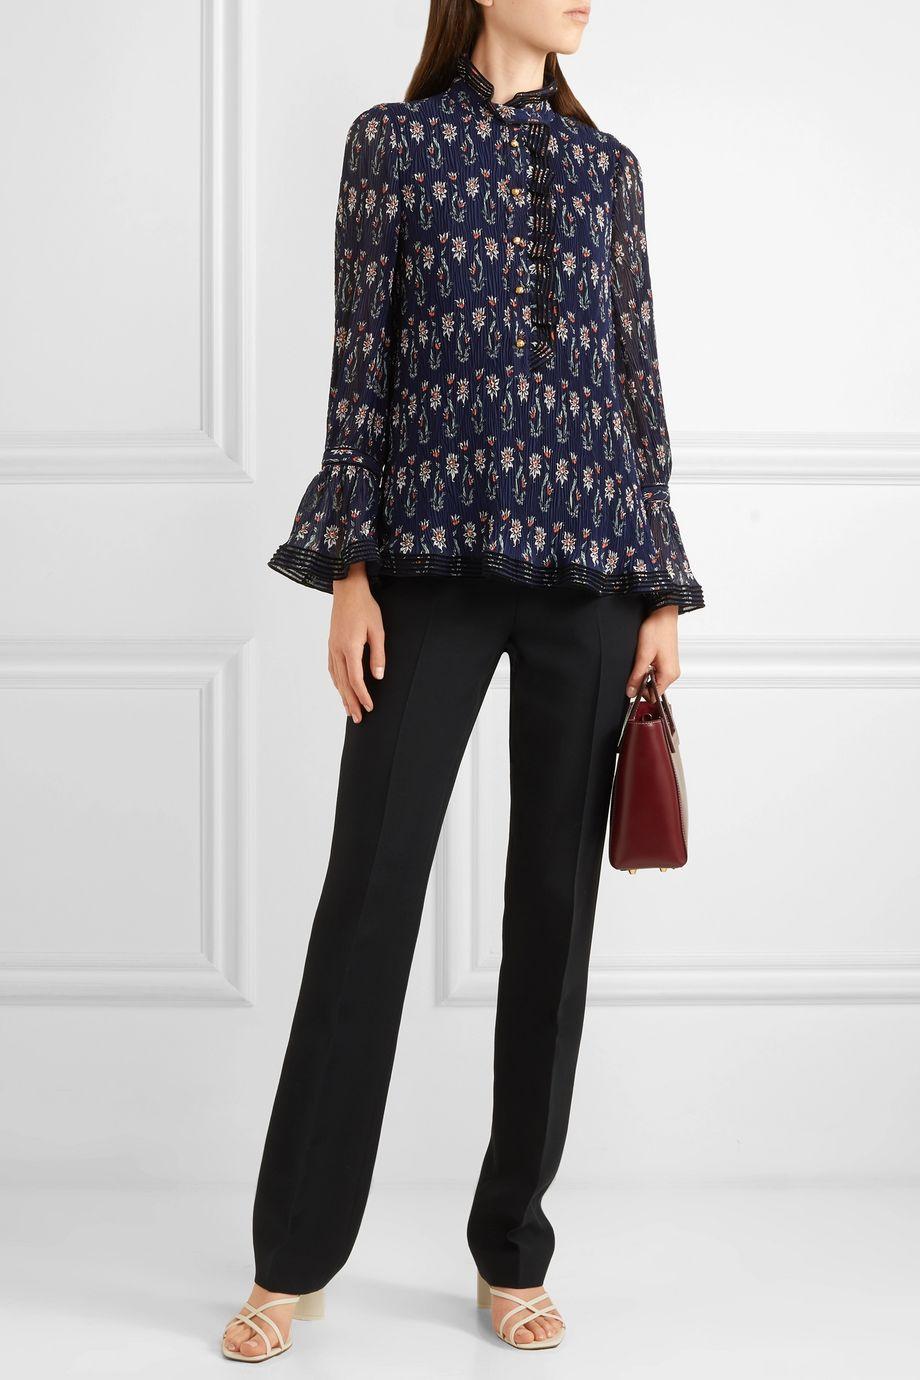 Tory Burch Deneuve ruffled floral-print plissé-georgette blouse